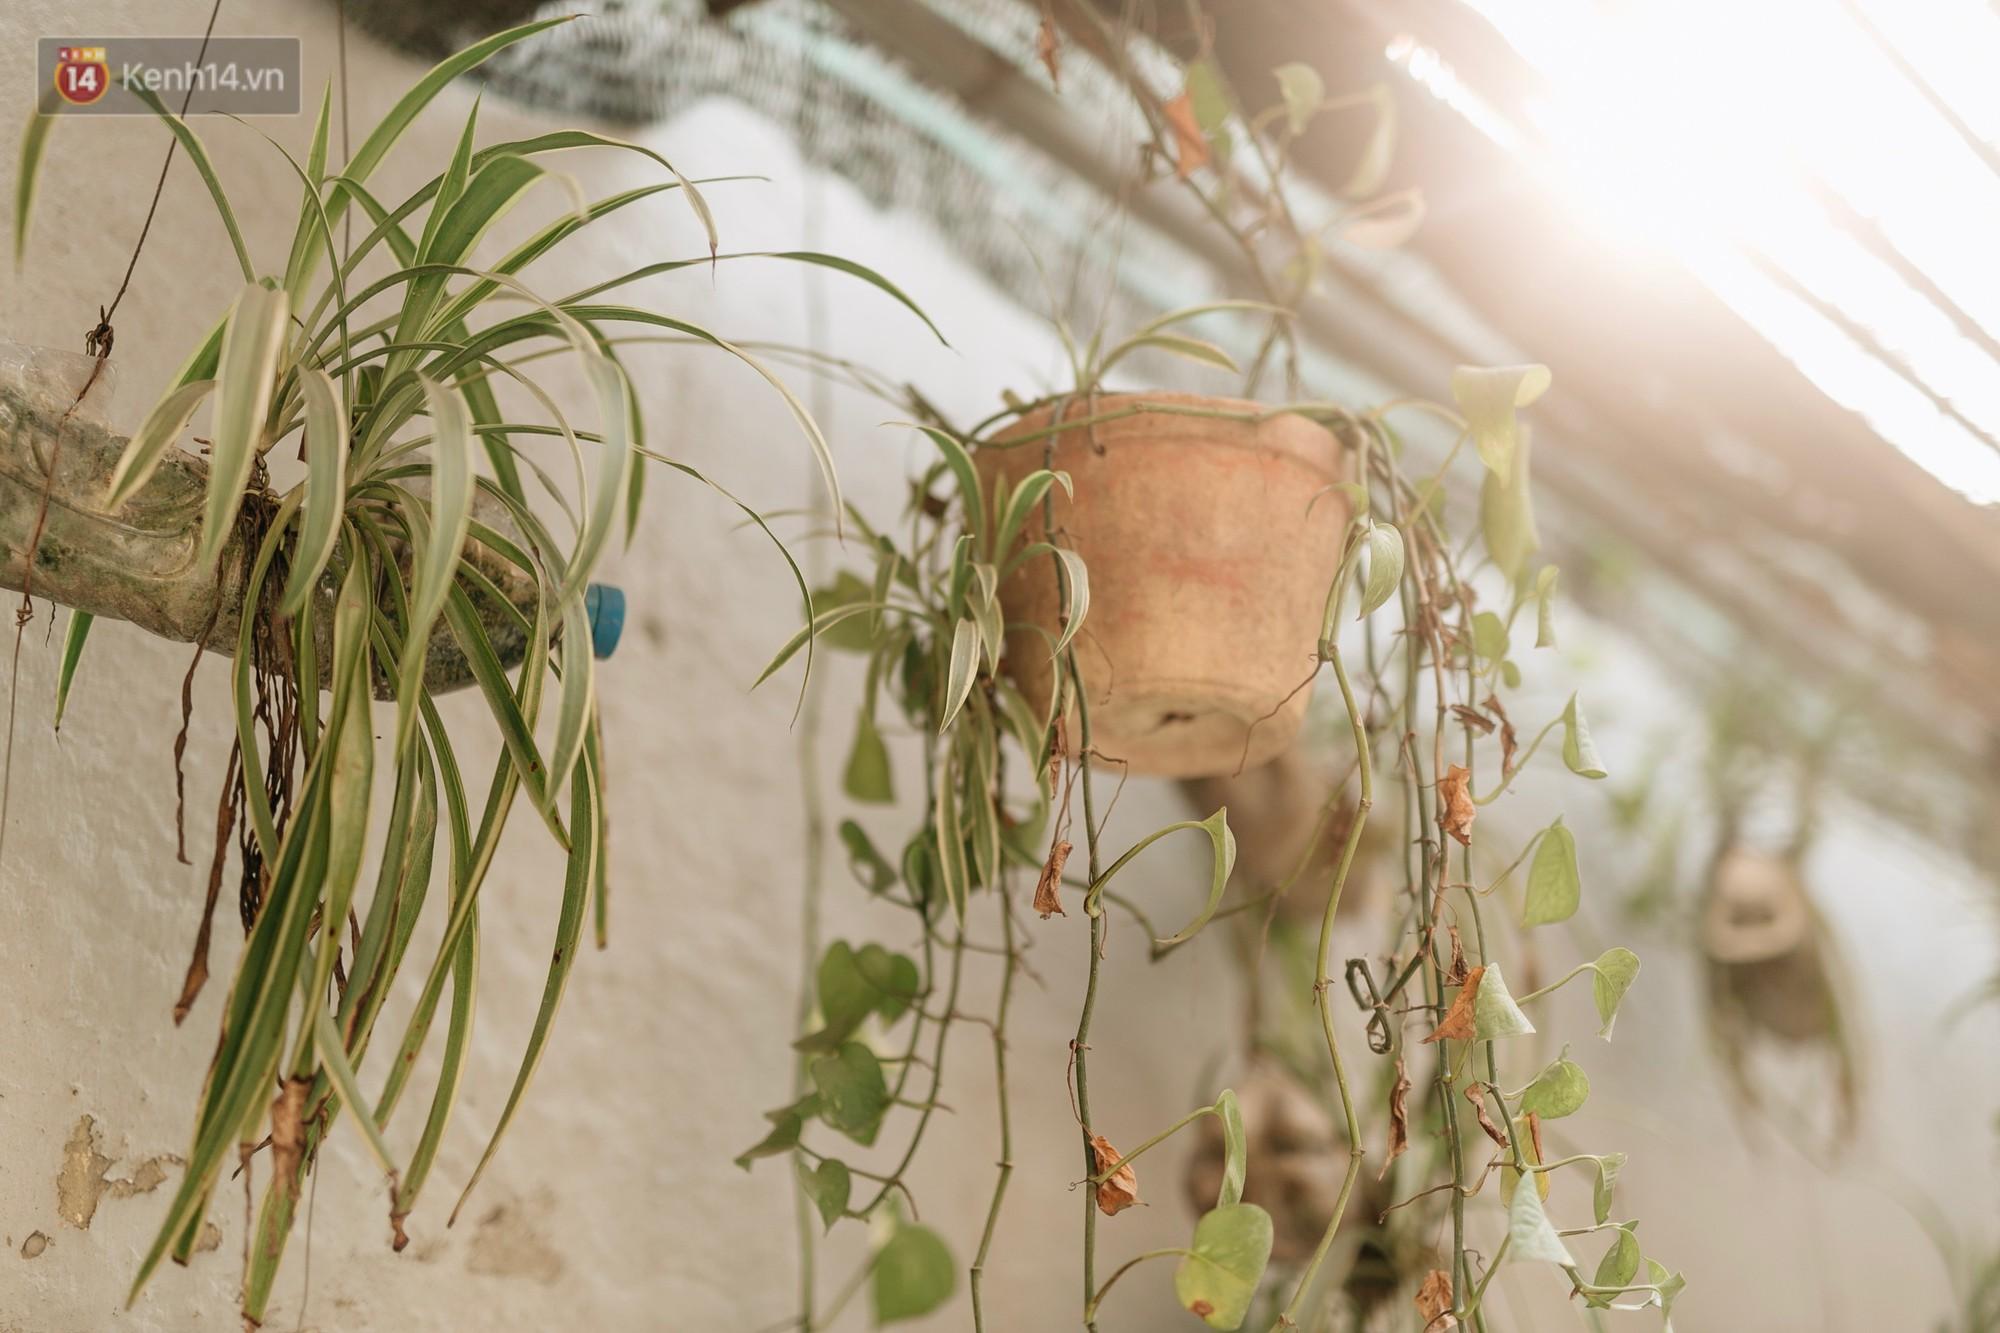 Không được người dân chăm sóc, những vườn hoa sinh ra từ bãi rác ở Hà Nội đã héo úa: Cần lắm sự chung tay của cả cộng đồng! - Ảnh 15.